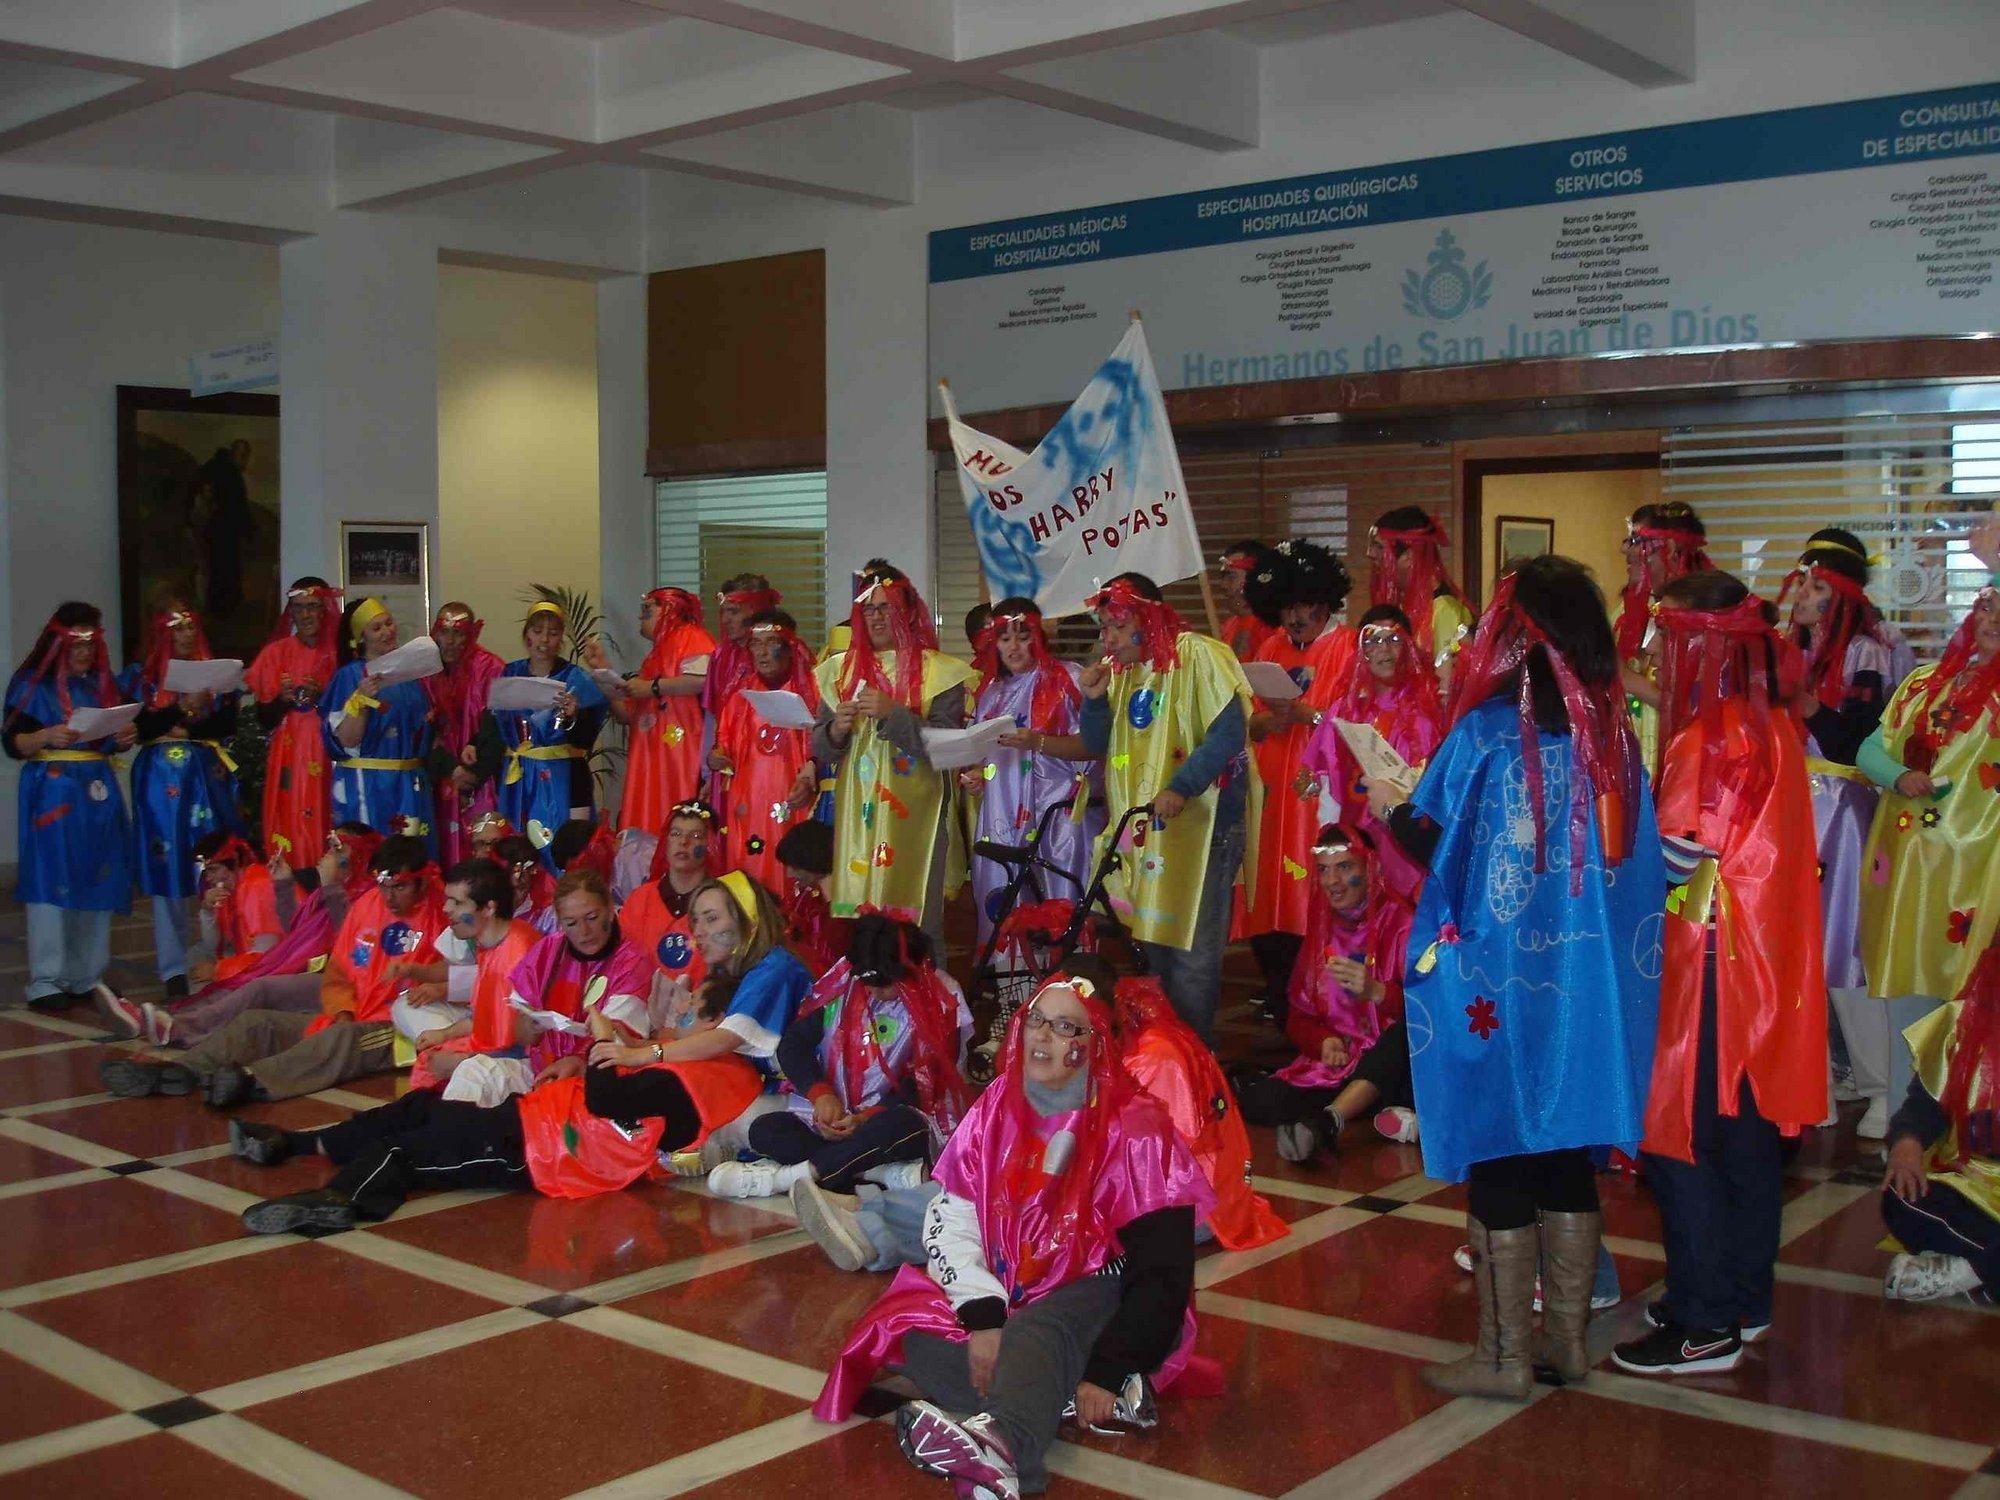 La murga Los Harry Potas inicia los actos del Carnaval en el Hospital San Juan de Dios de Tenerife